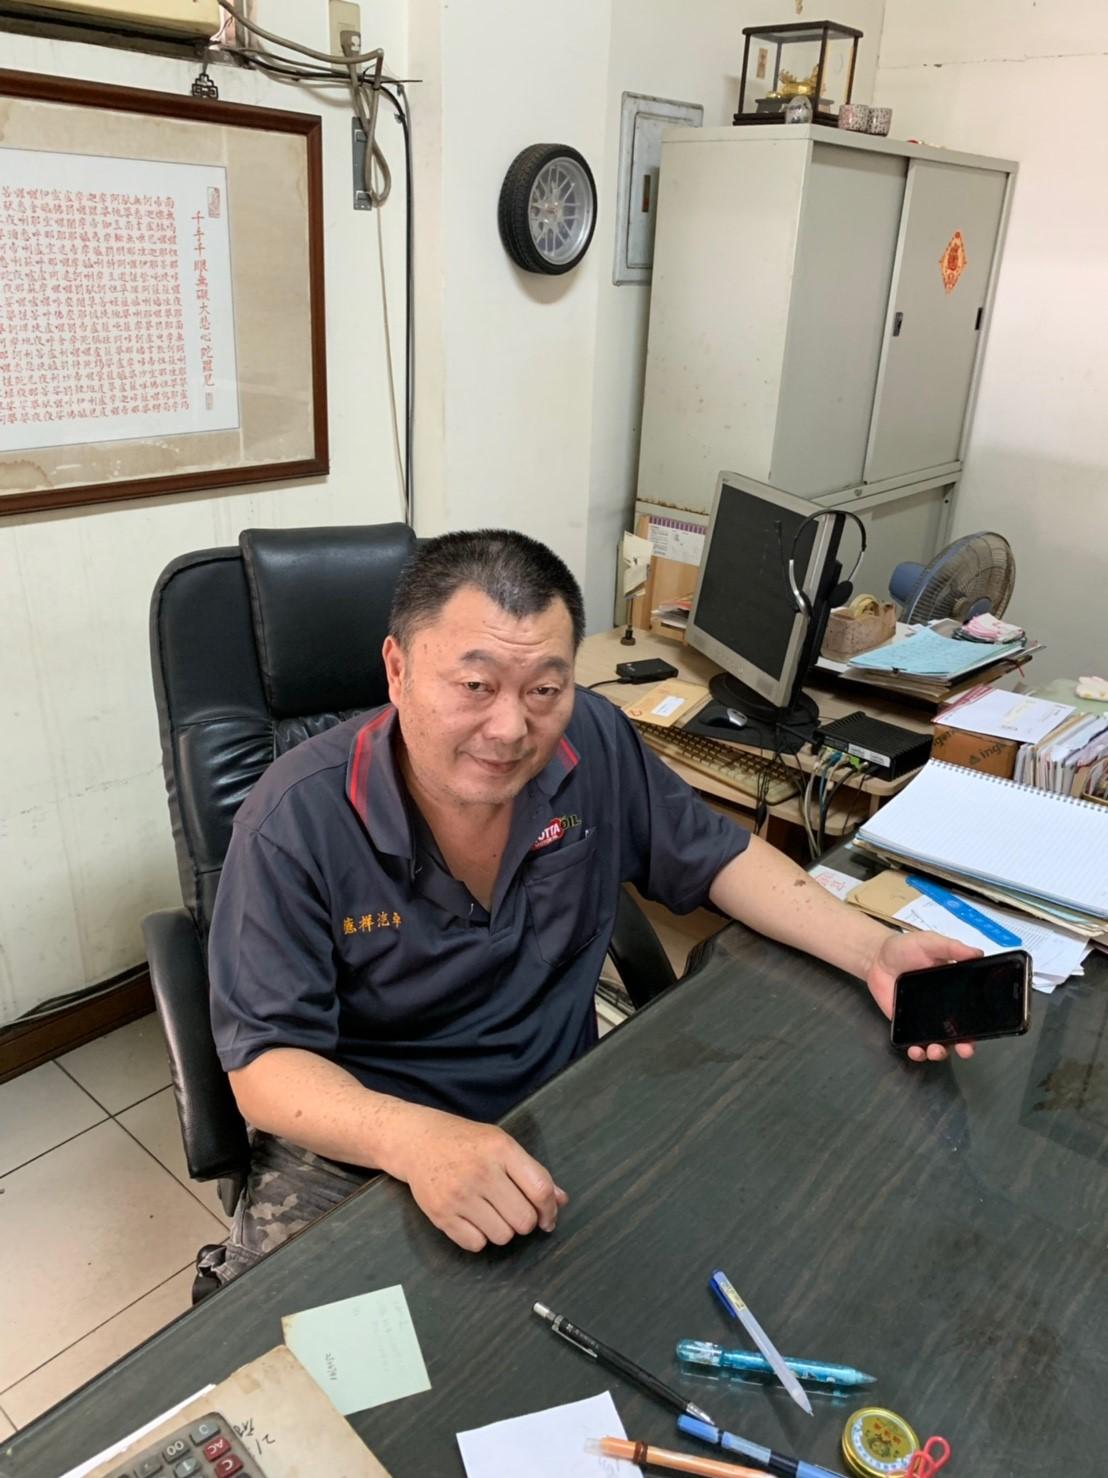 台南市南區推薦修車廠億祥汽機車保修帥氣老闆